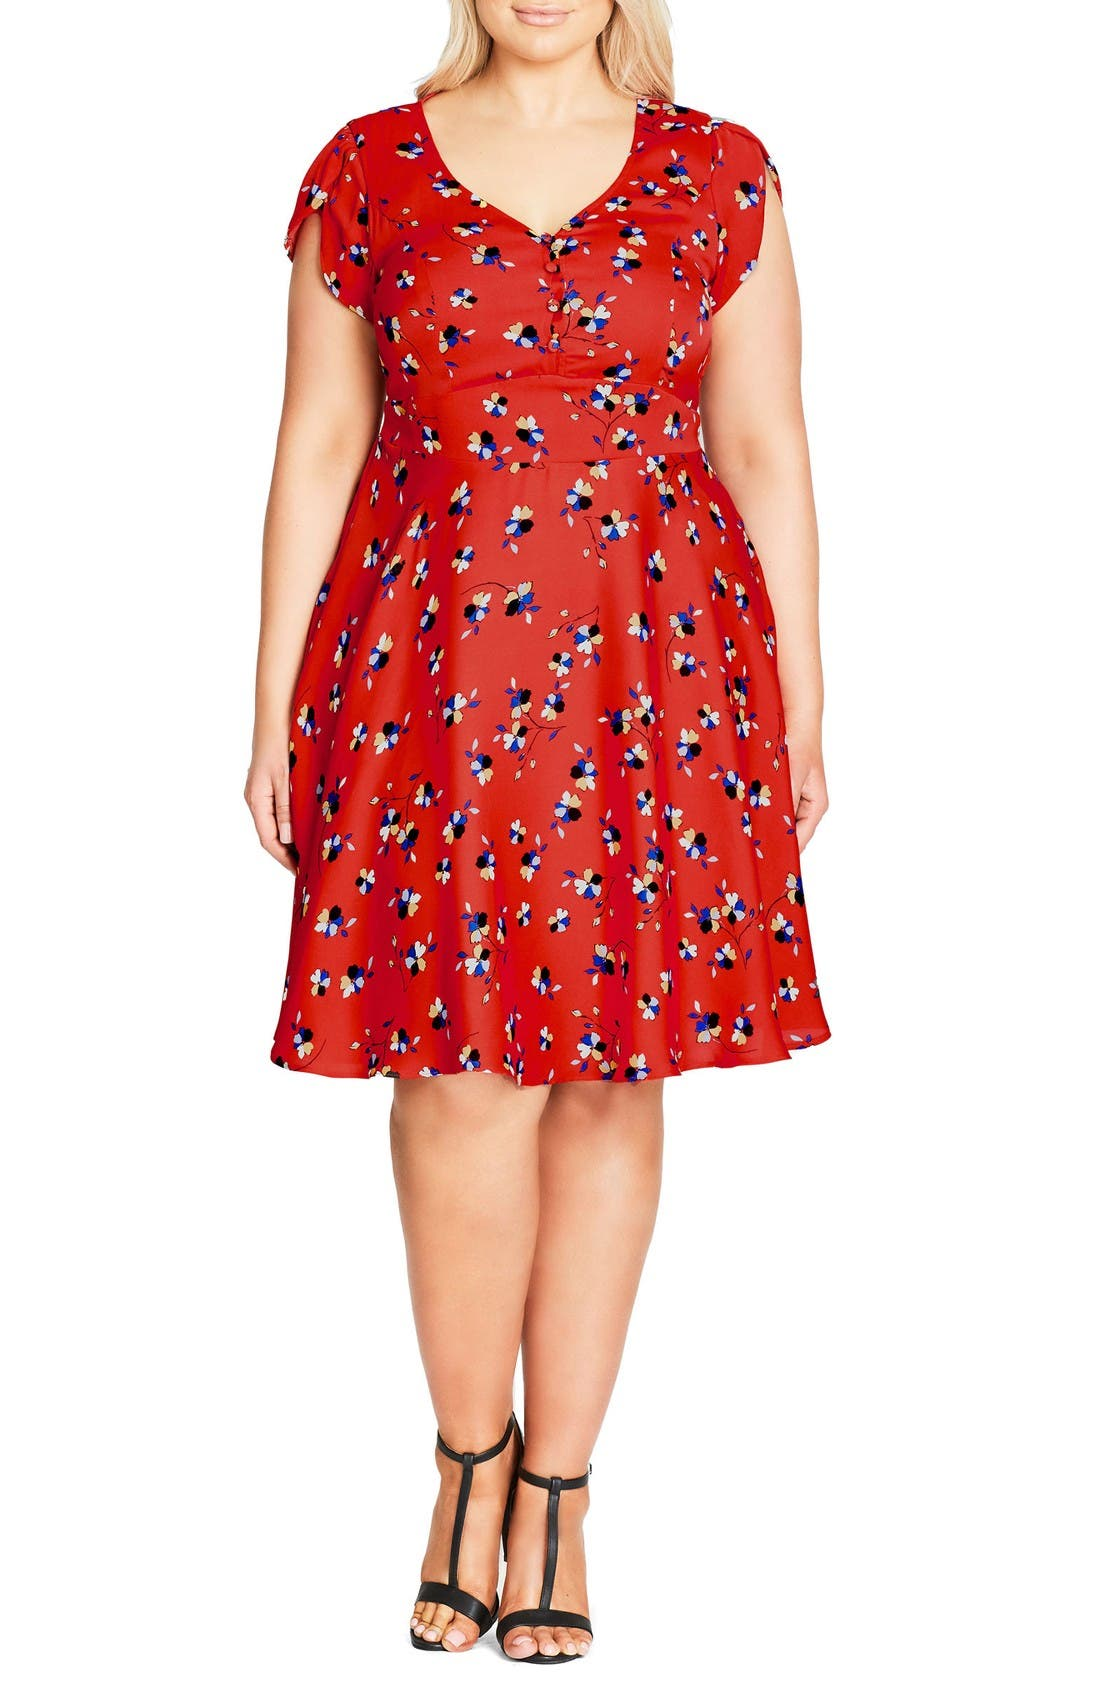 Main Image - City Chic Cutie Pie Fit & Flare Dress (Plus Size)